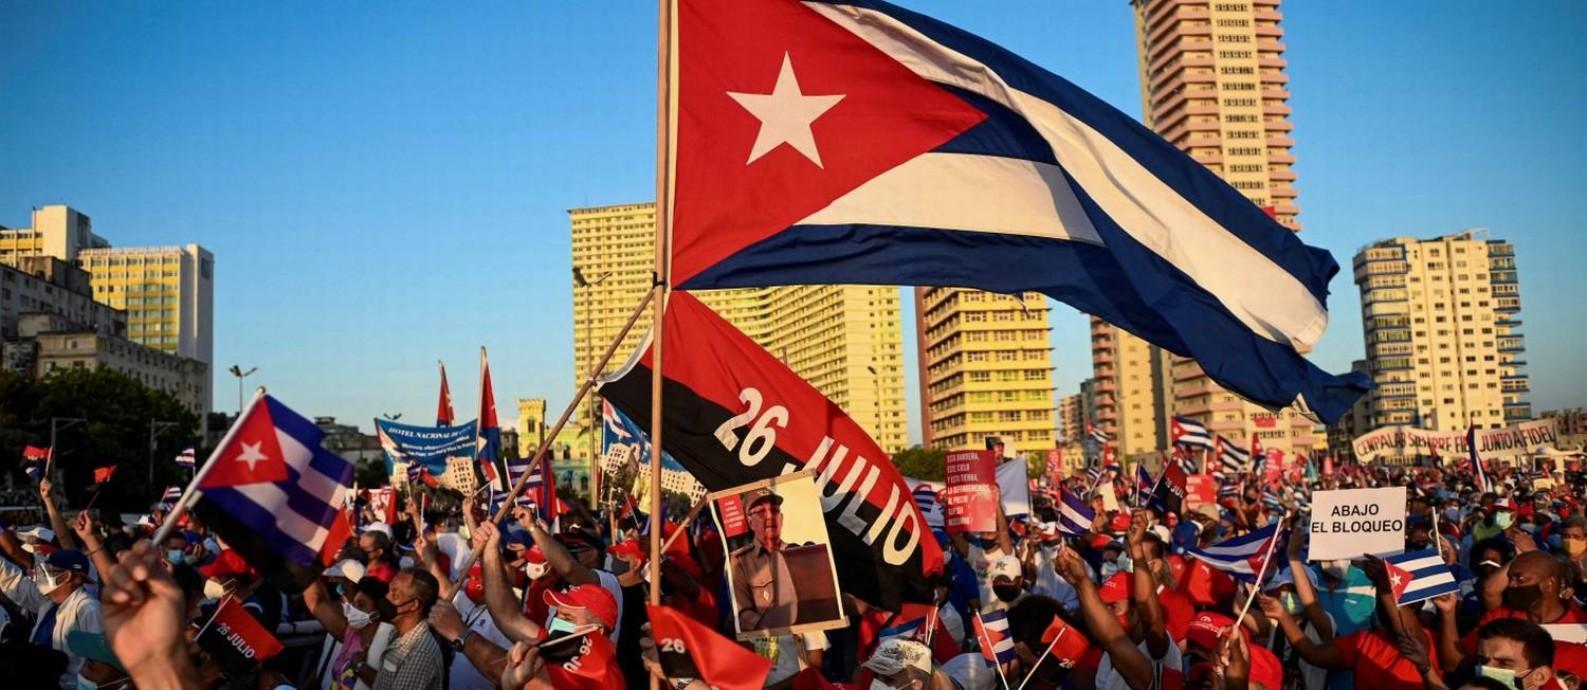 Cubanos participam no sábado de ato pró-regime em Havana, com participação de Miguel Díaz-Canel e Raúl Castro Foto: YAMIL LAGE / AFP/17-7-21